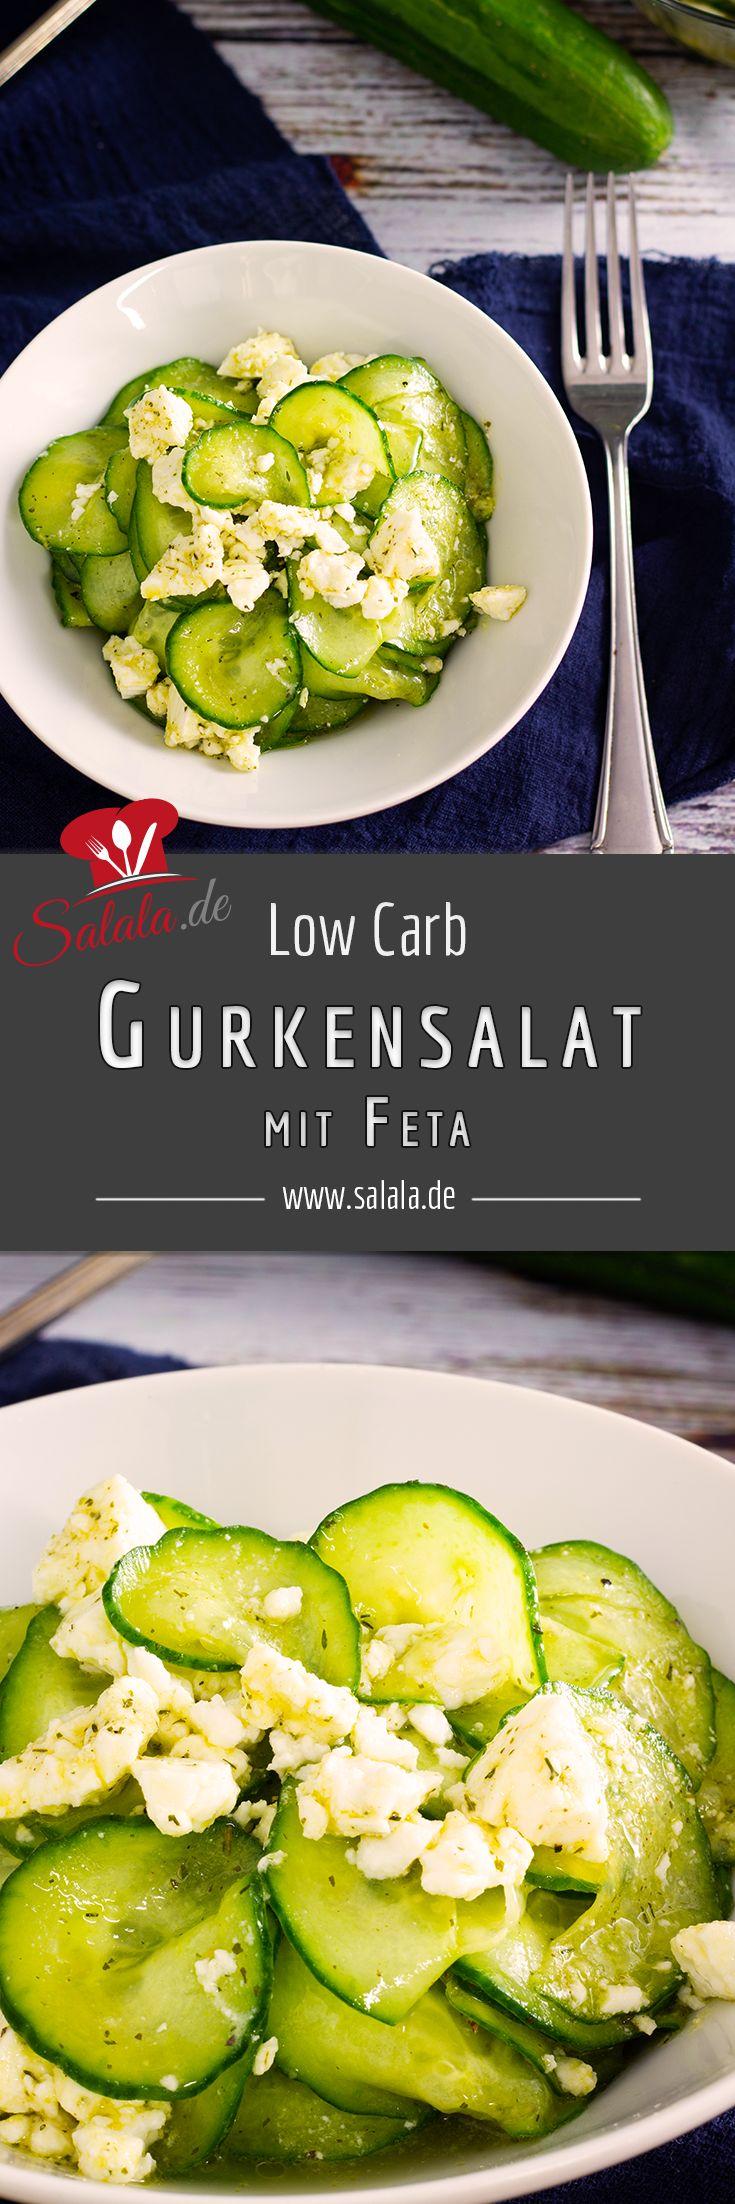 Machen Sie sich einfach Gurkensalat ohne Zucker. Sie können aufpeppen …   – Low Carb Rezepte deutsch von salala.de